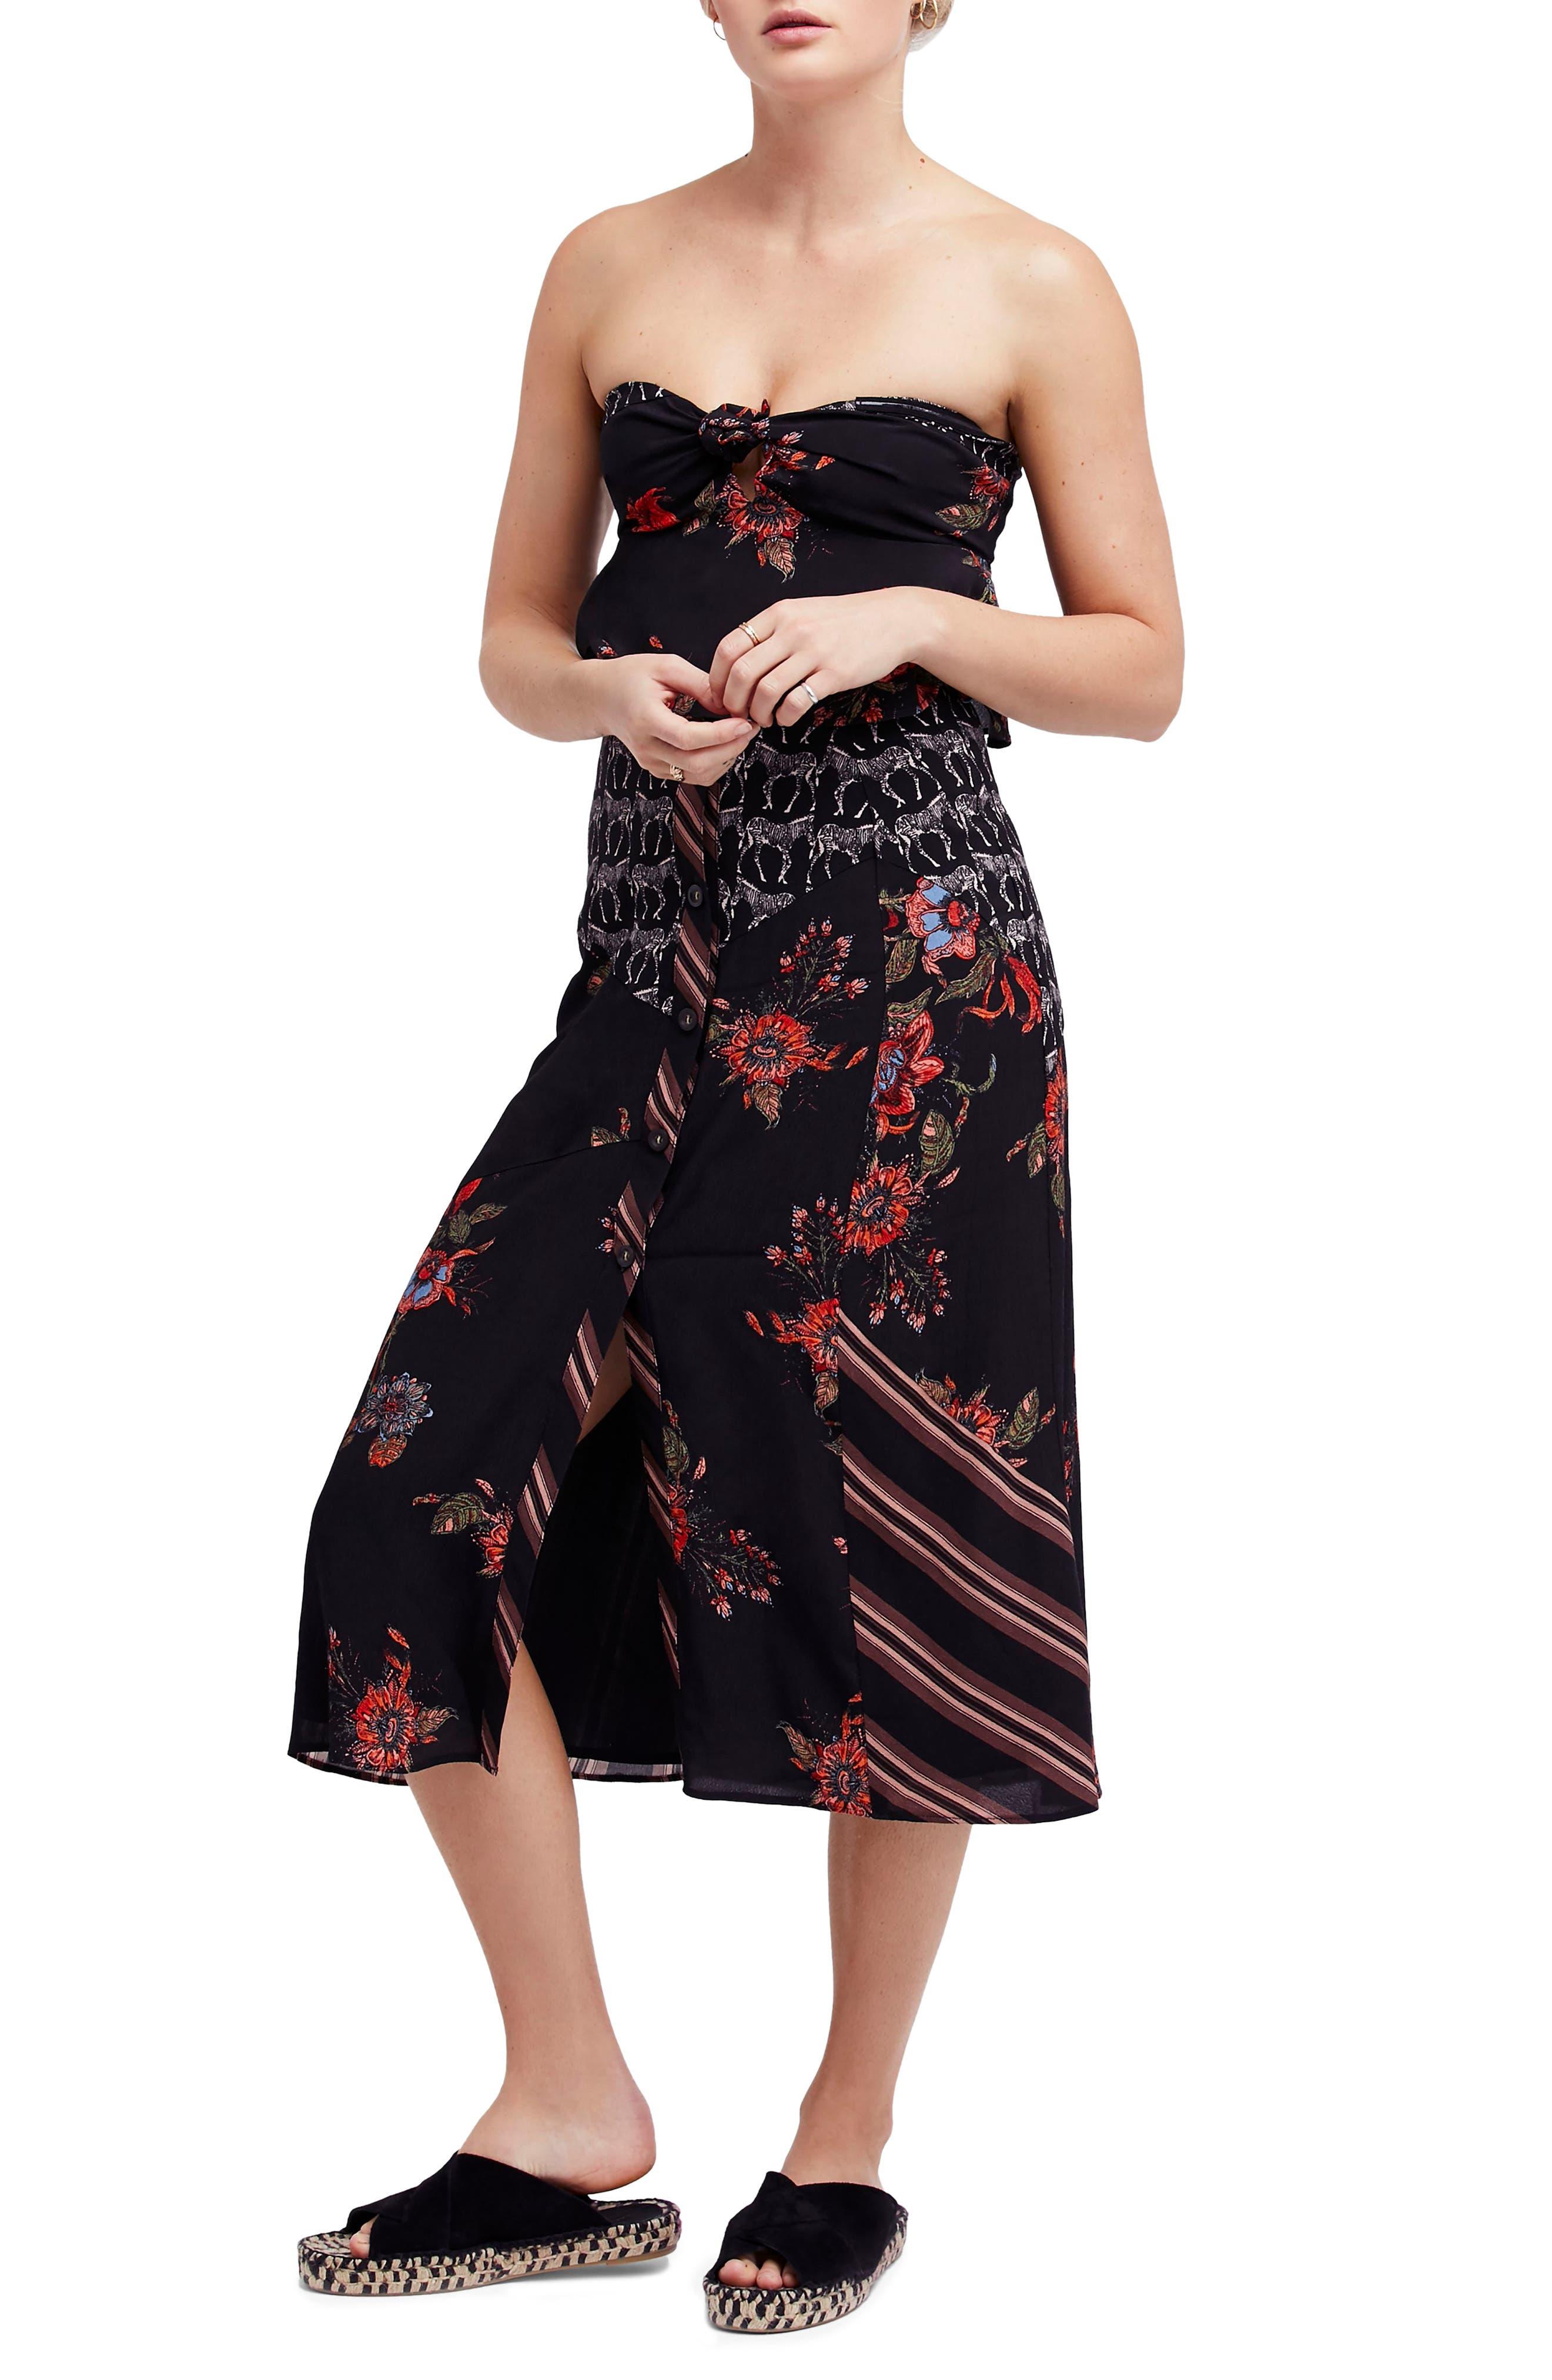 Sunshine Safari Top & Skirt,                             Main thumbnail 1, color,                             Black